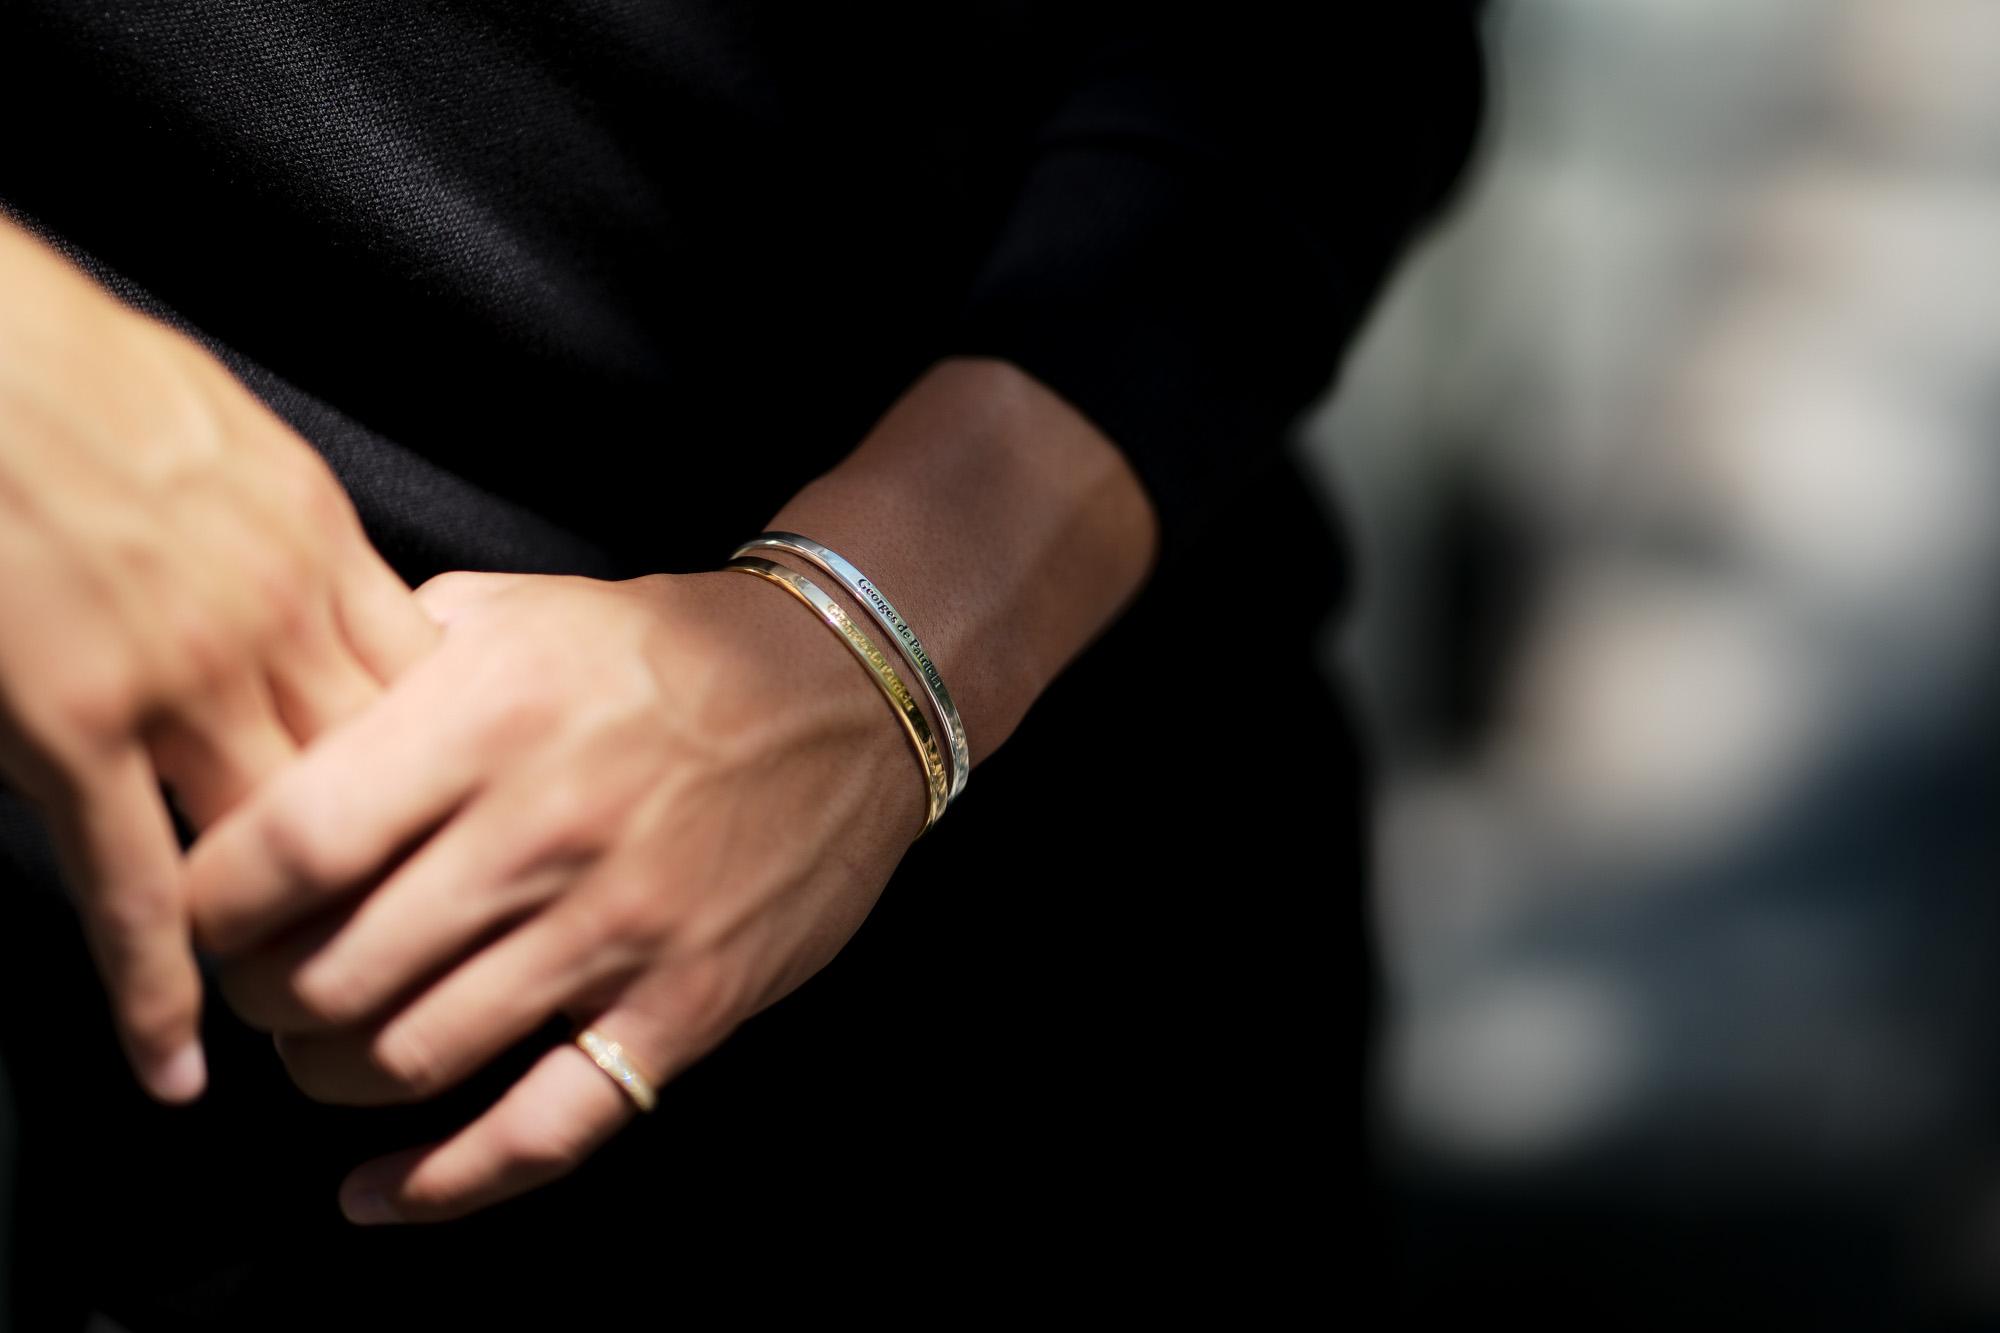 Georges de Patricia(ジョルジュ ド パトリシア) Ghost (ゴースト) 18K GOLD(18K ゴールド) 925 STERLING SILVER (925 スターリングシルバー) WHITE DIAMOND(ホワイトダイヤモンド) ダブル バングル  2020 愛知 名古屋 altoediritto アルトエデリット georgesdepatricia roollsroyce ロールスロイス jewelry ジュエリ